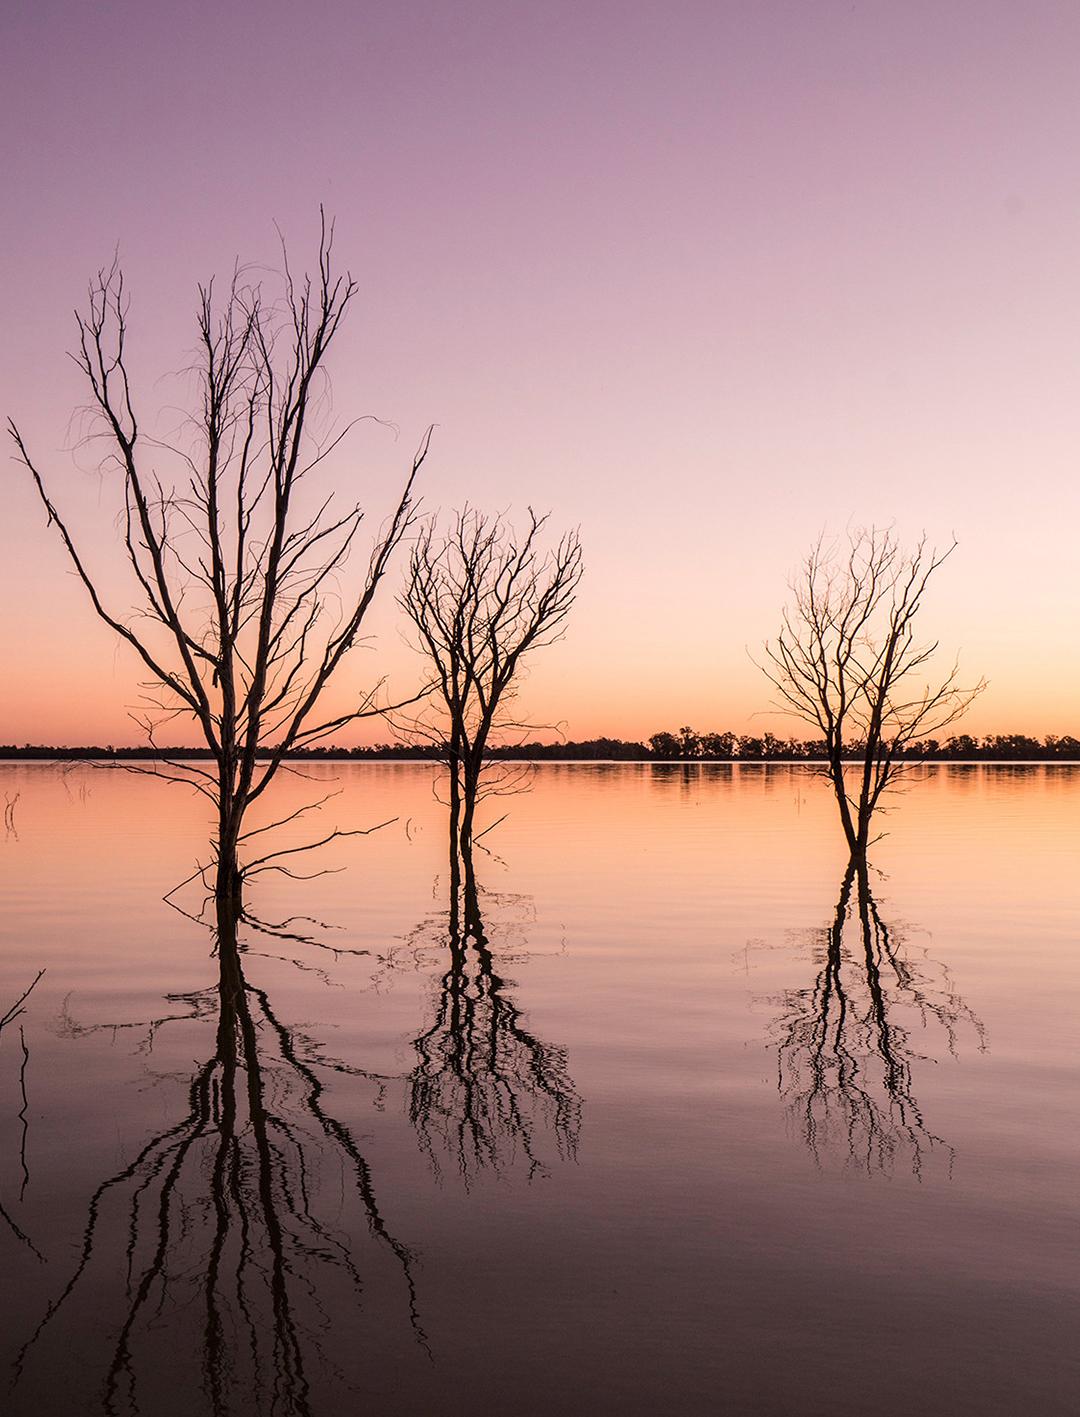 yanga lake at sunset